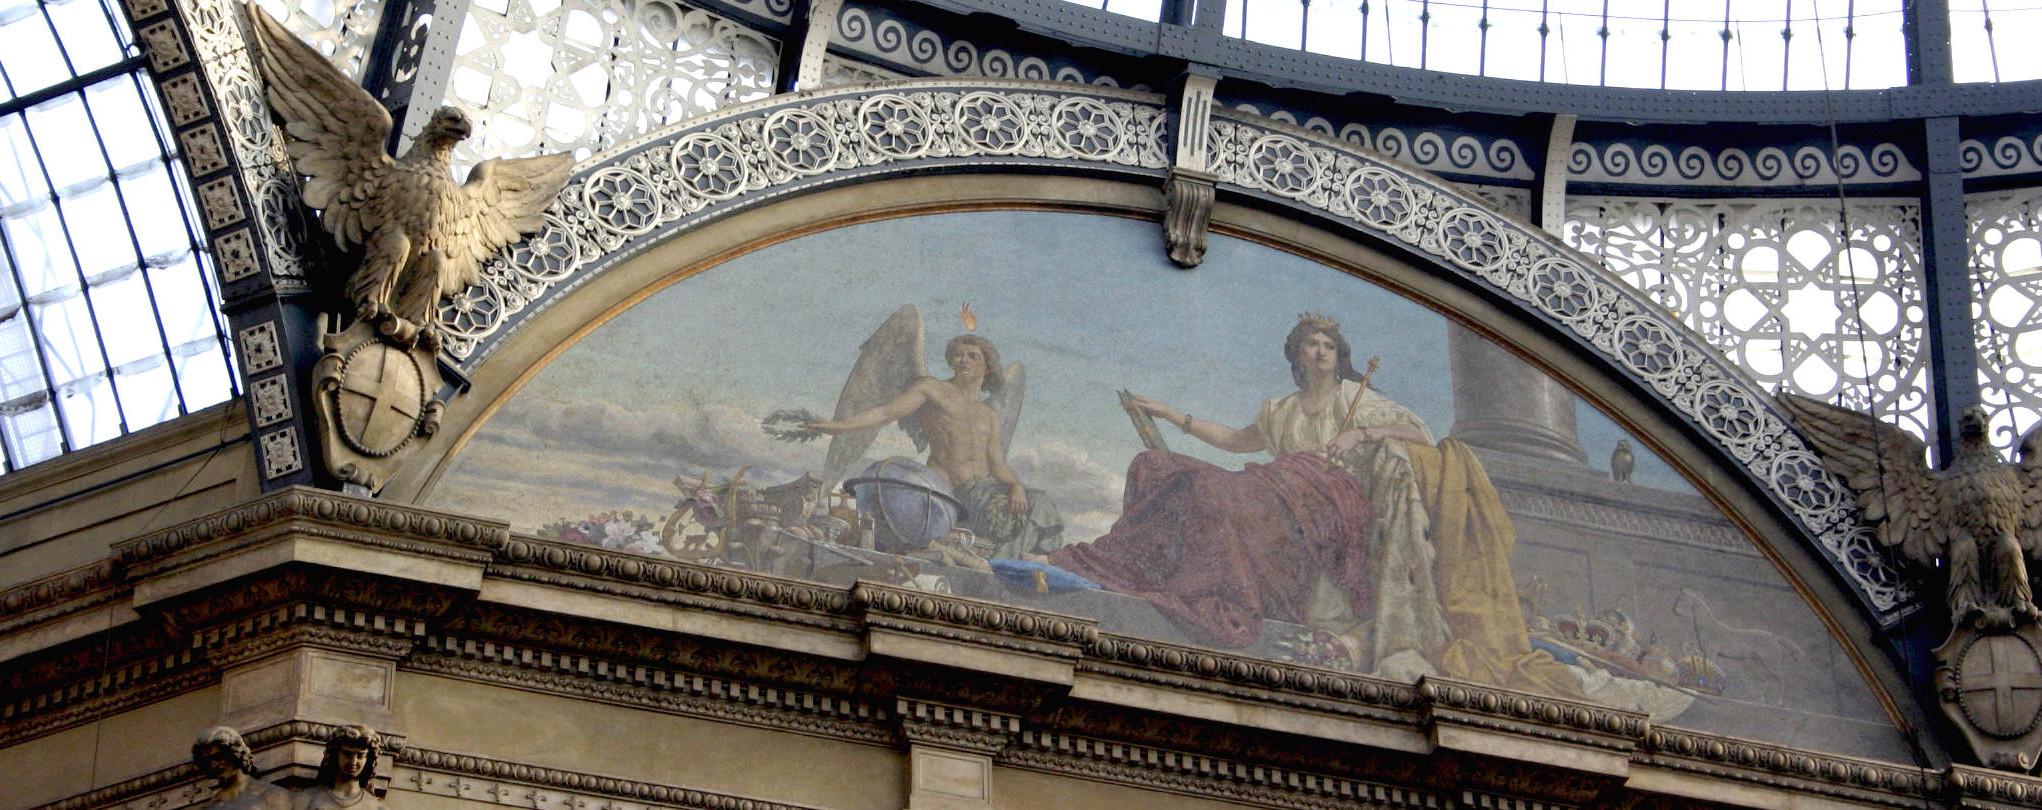 Europa med genius, Galleria Vittorio Emanuele, Milano (Wikipedia)